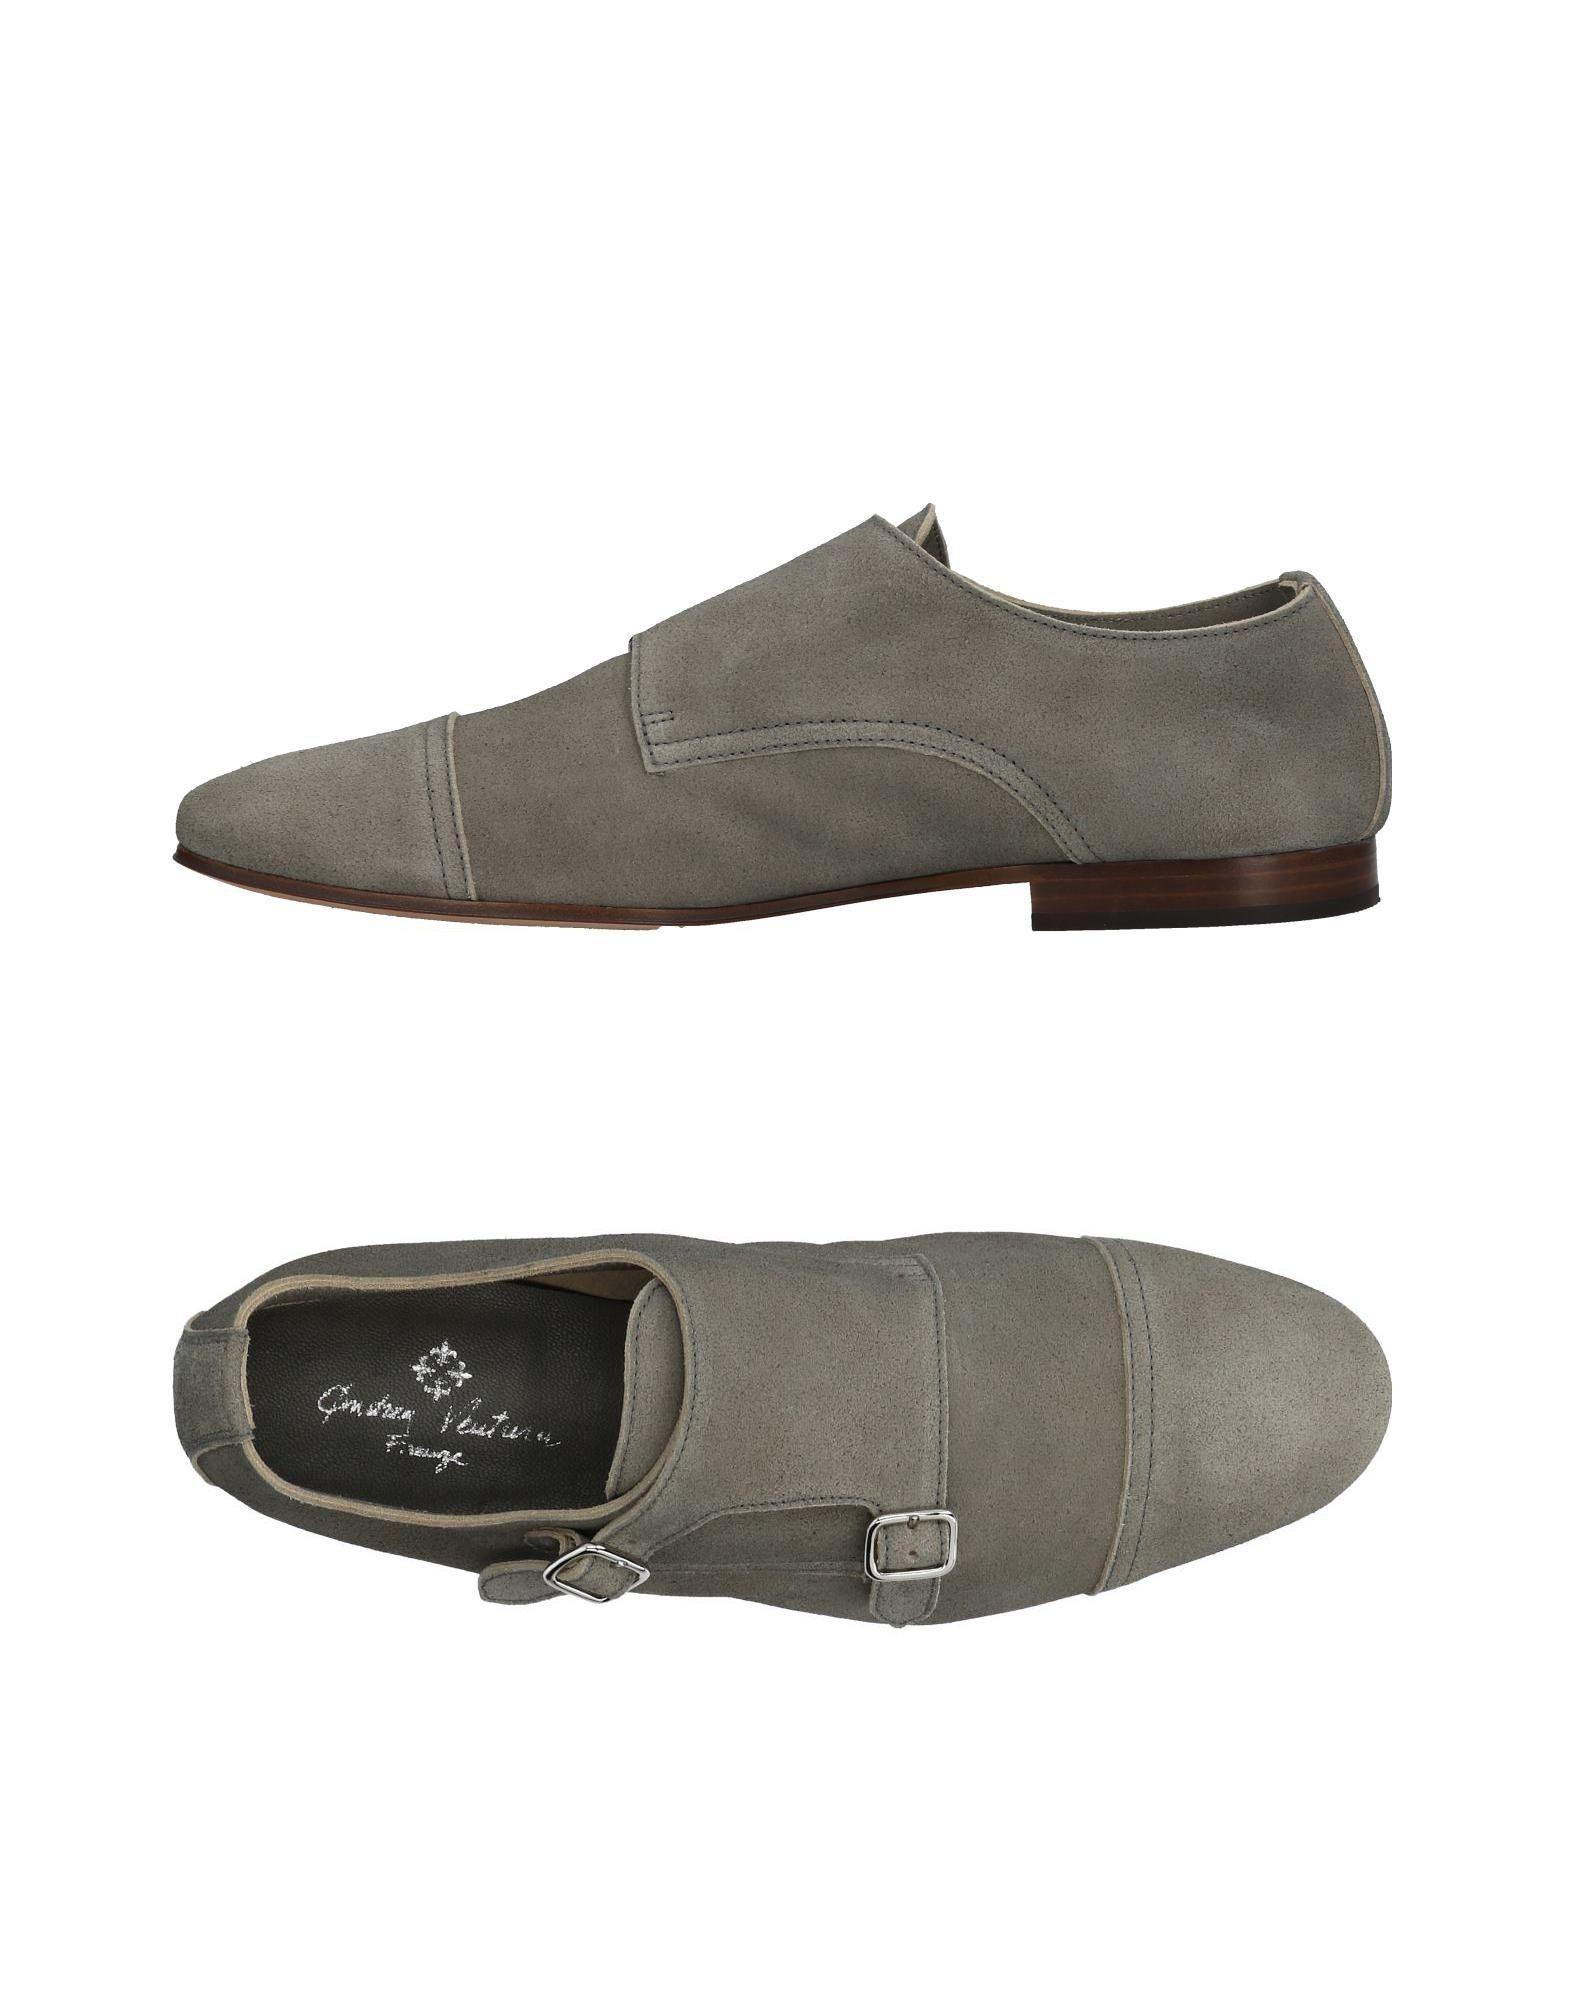 Rabatt echte Schuhe Herren Andrea Ventura Firenze Mokassins Herren Schuhe  11442248RG ab8bf2